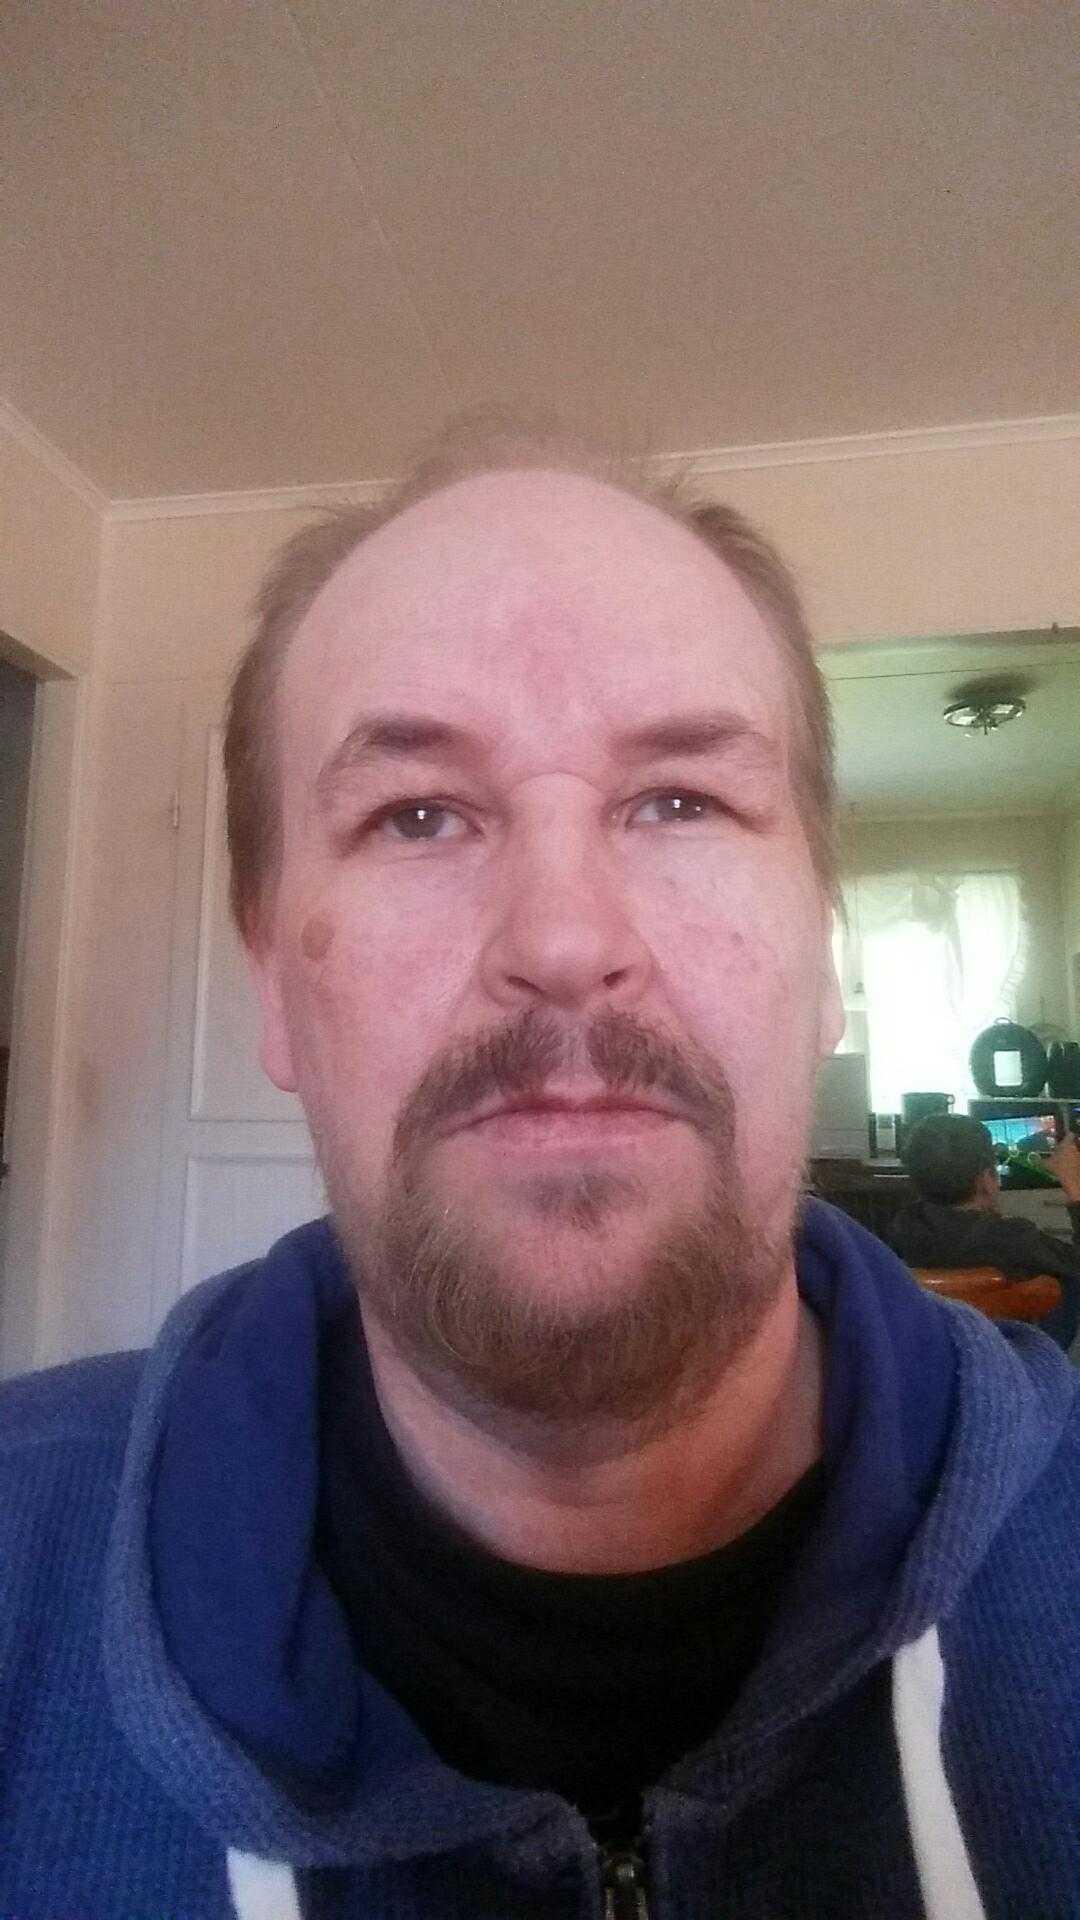 Stefan Hagalid satt vid köksbordet hemma i Kalix när fönsterrutorna började skaka.